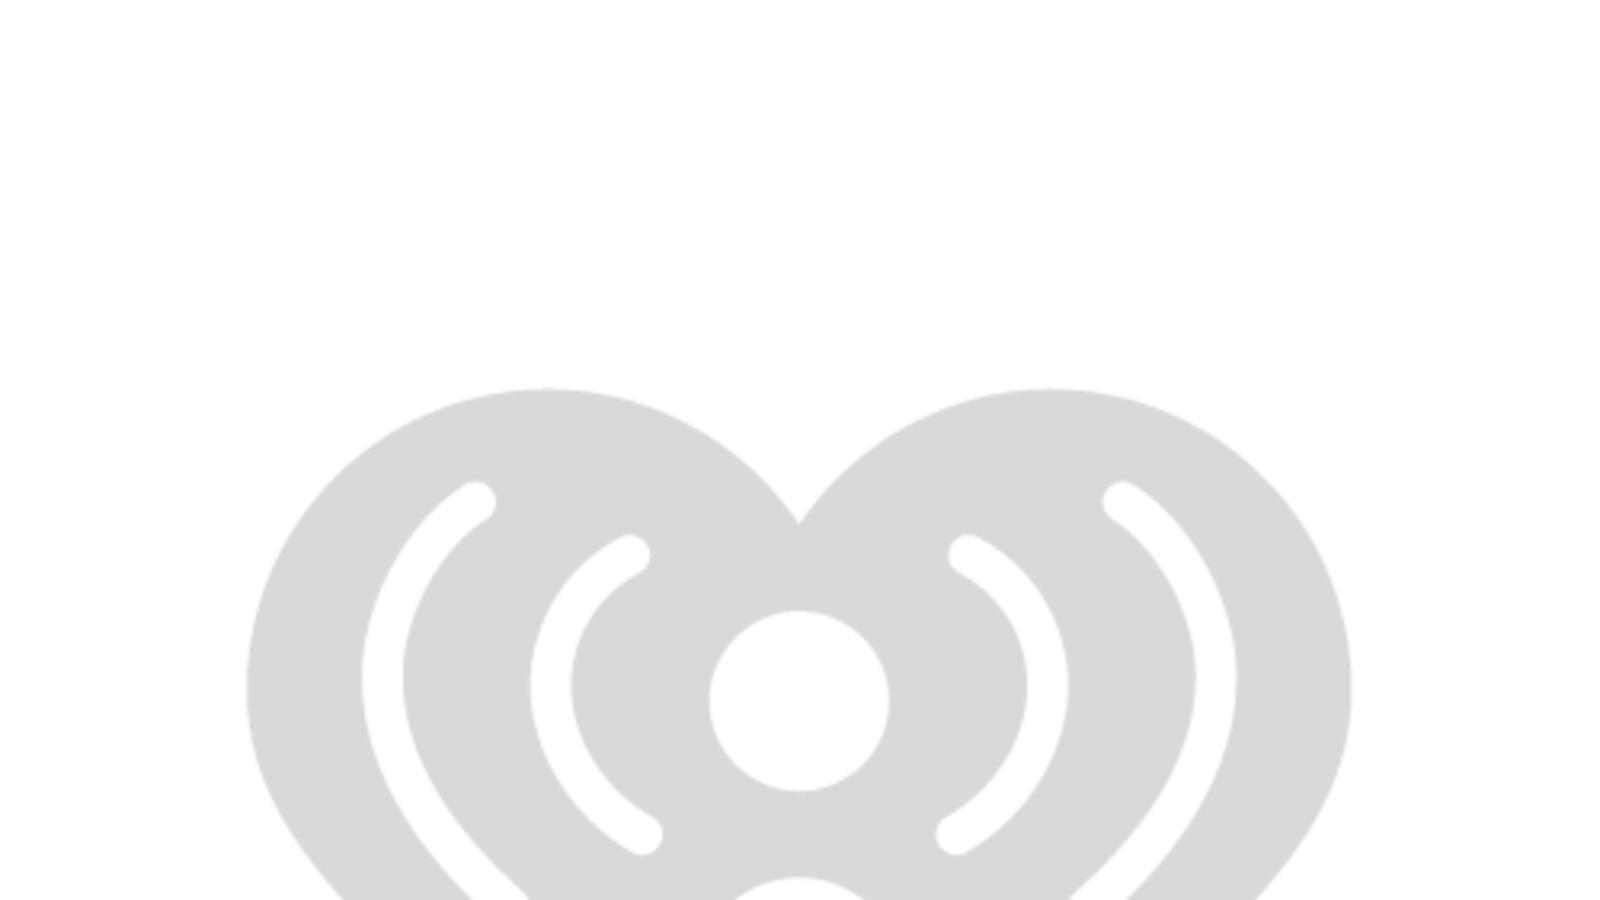 54: Desmond Child